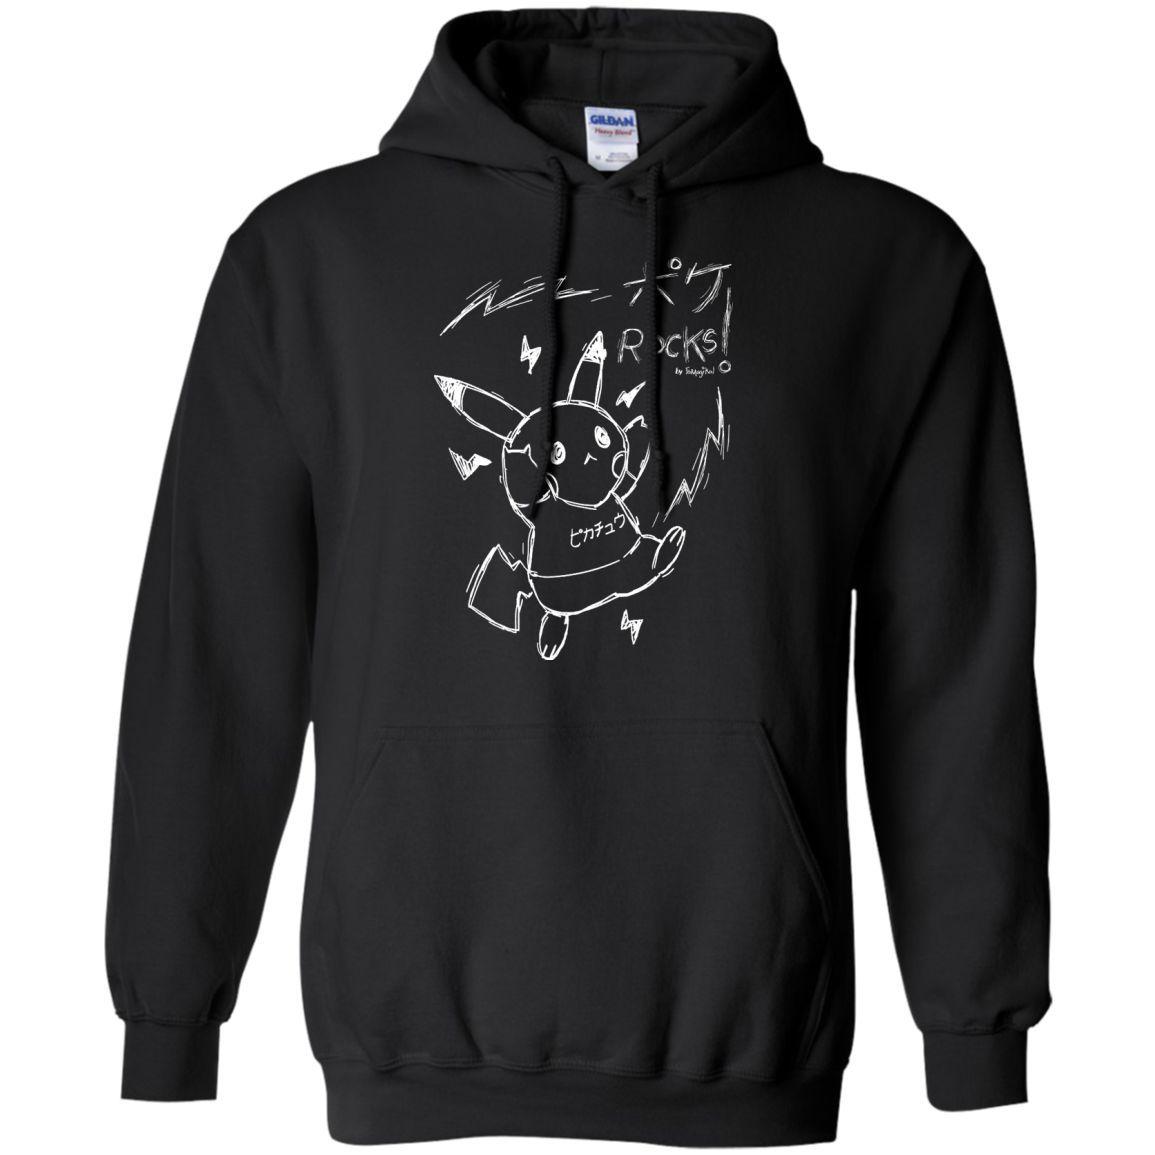 POKÉ Rocks! Pikachu Cute Hoodie Tshirt